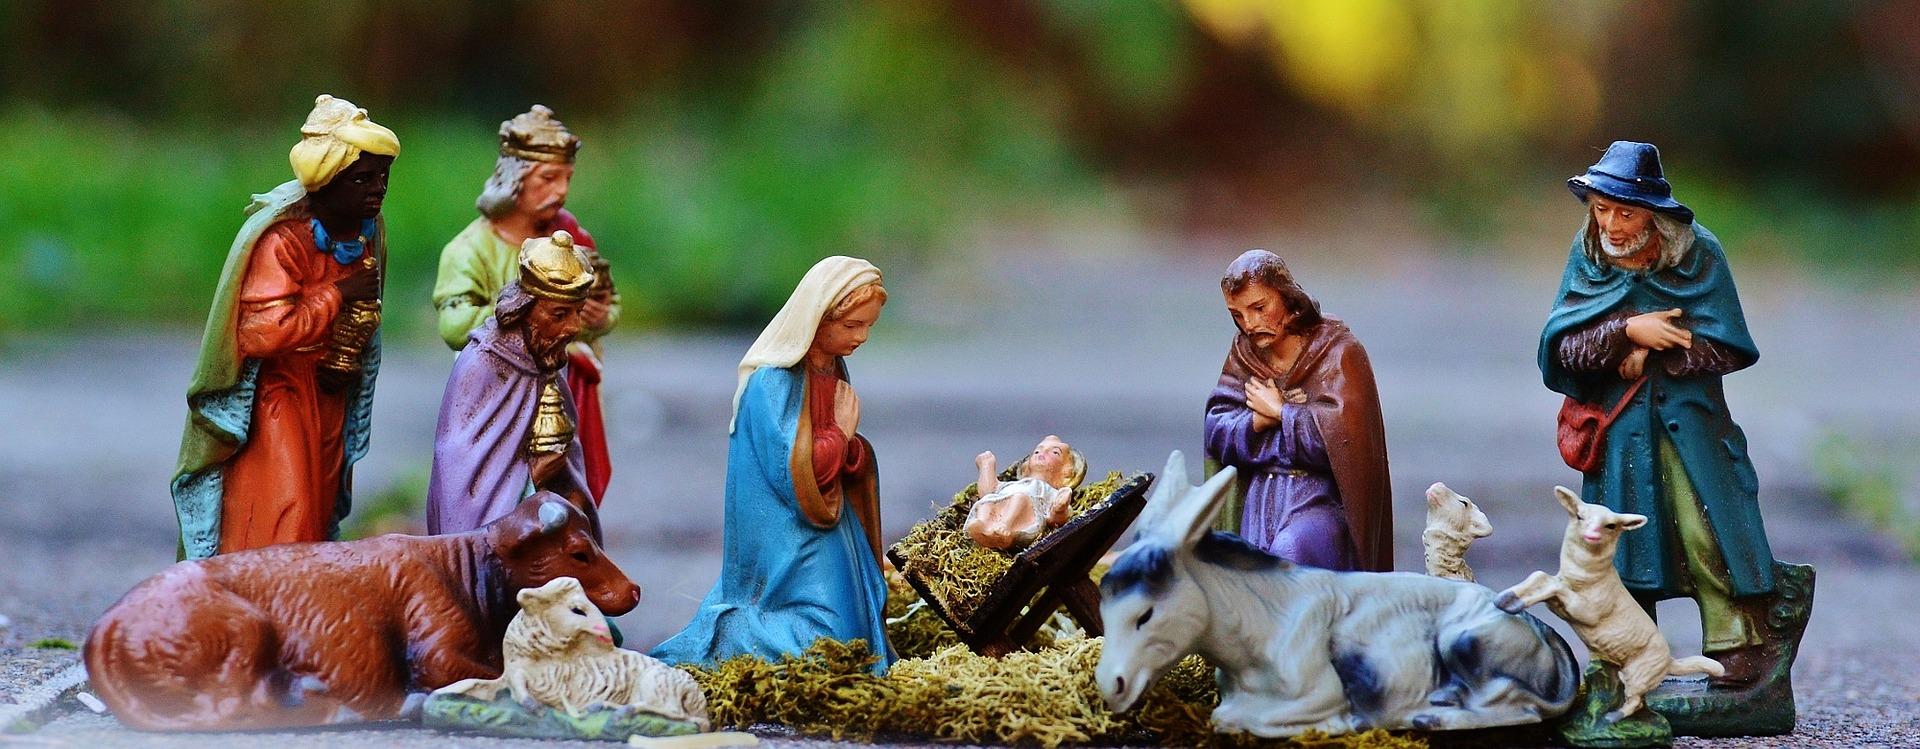 christmas-crib-figures-1060026_1920.jpg